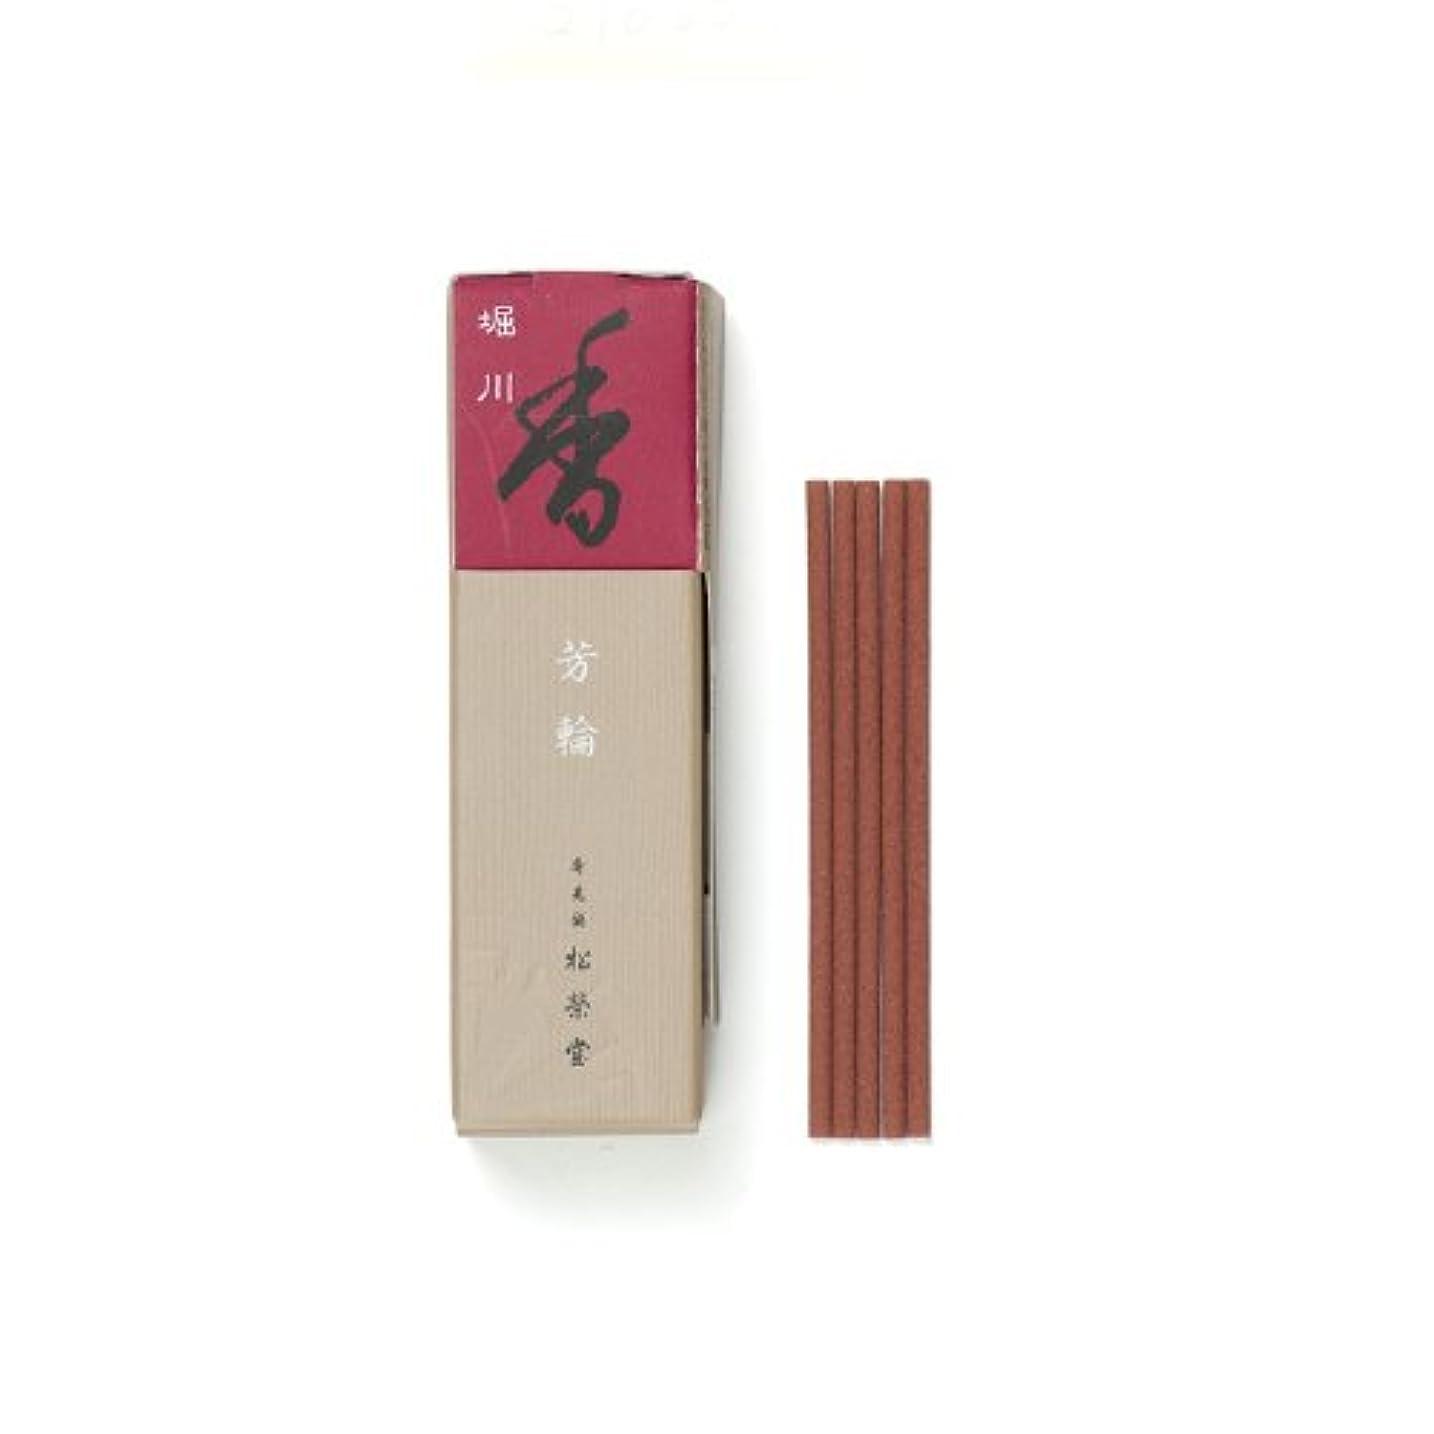 する必要がある柔和セイはさておき銘香芳輪 松栄堂のお香 芳輪堀川 ST20本入 簡易香立付 #210223